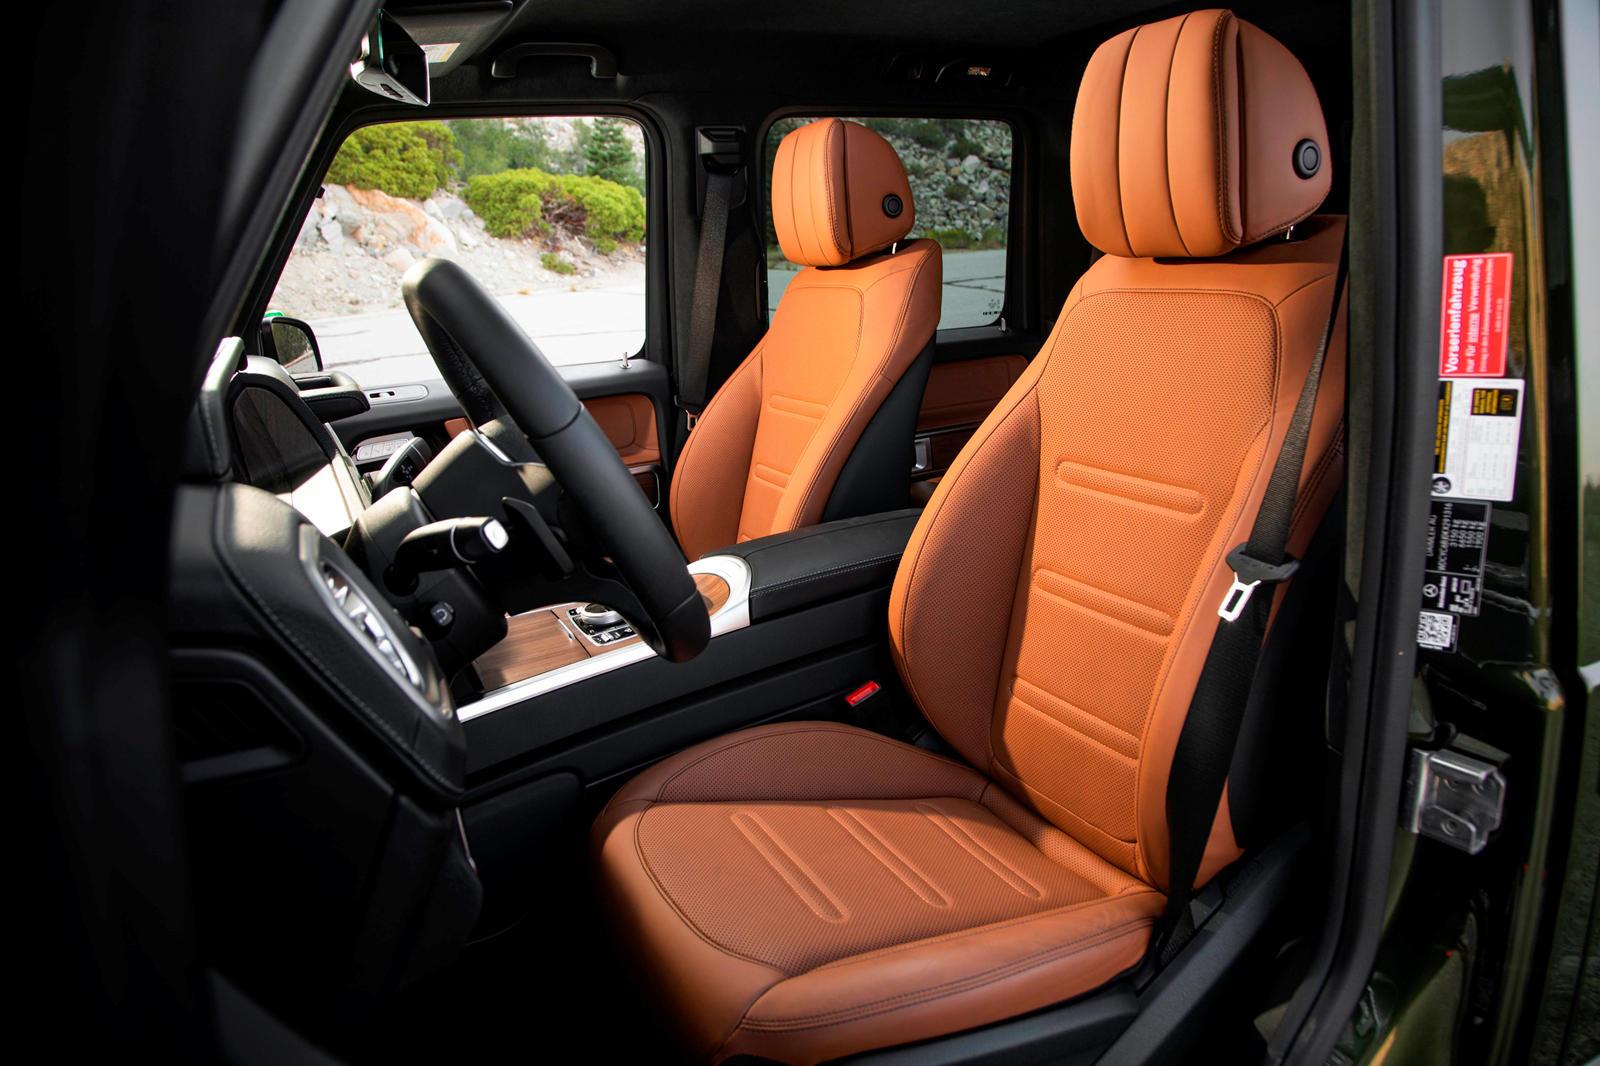 Mercedes G-Class Massaging front seats